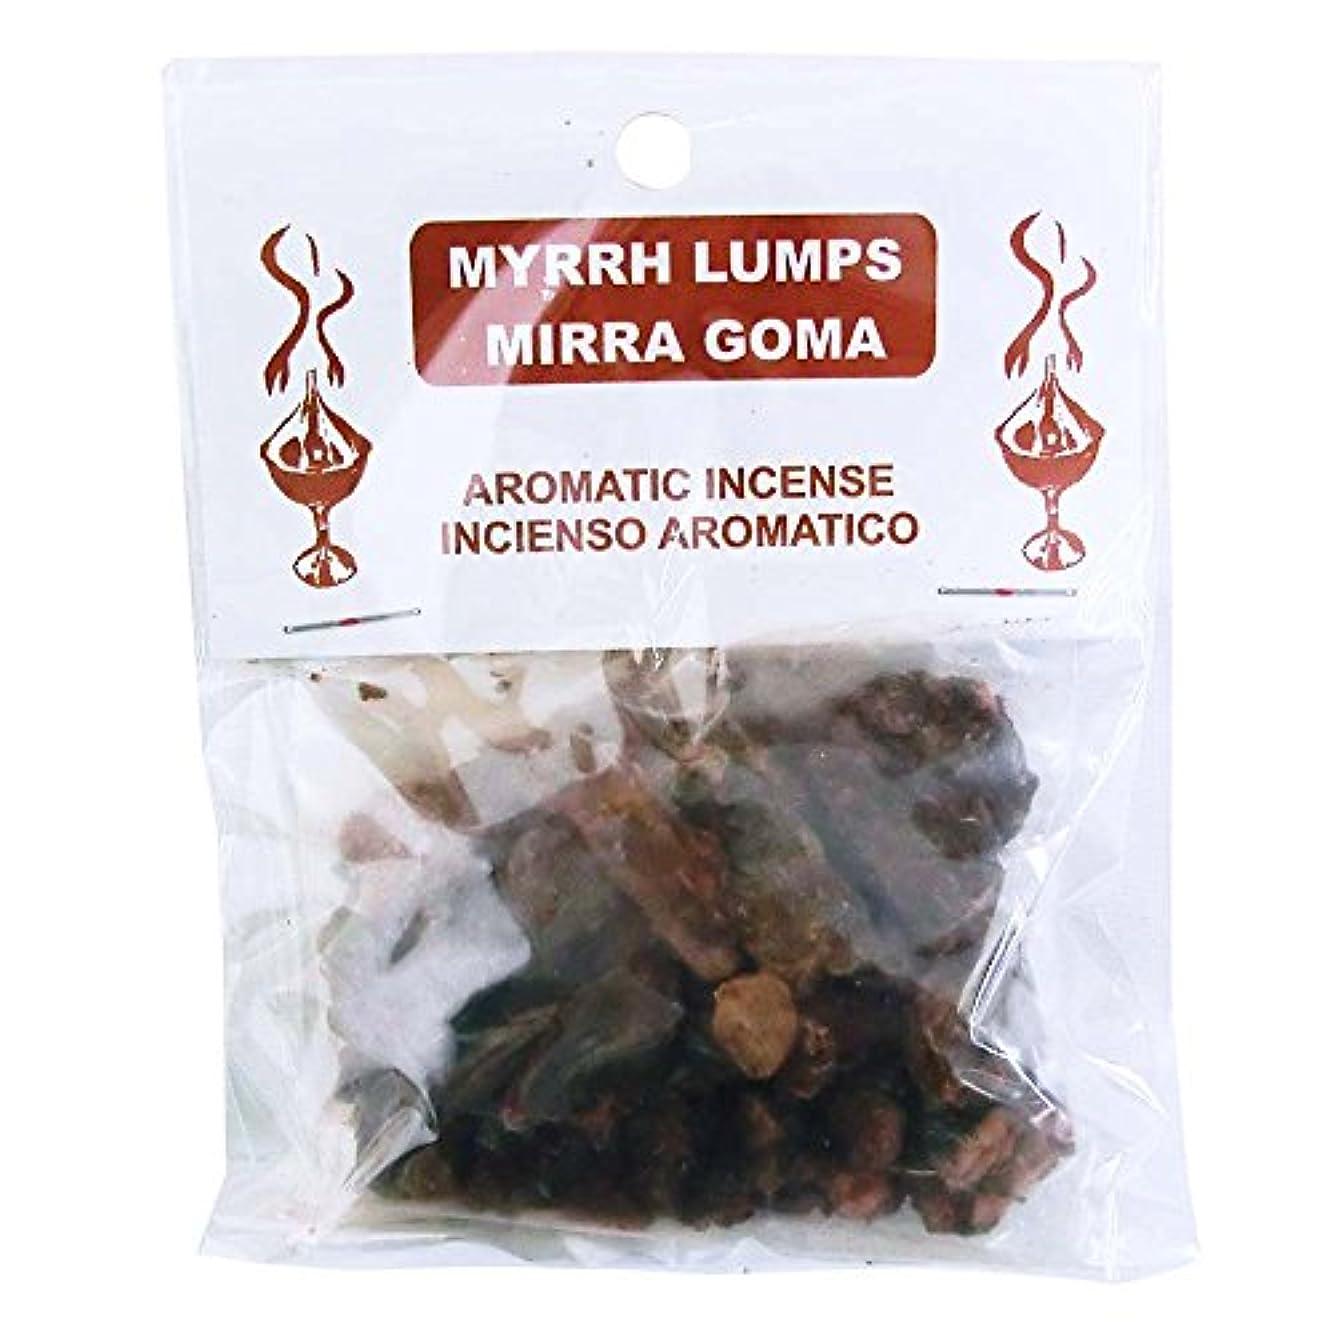 劇作家パネルオプション3KINGS Resin Incense(ヨルダンの聖別香) Myrrh Lumps